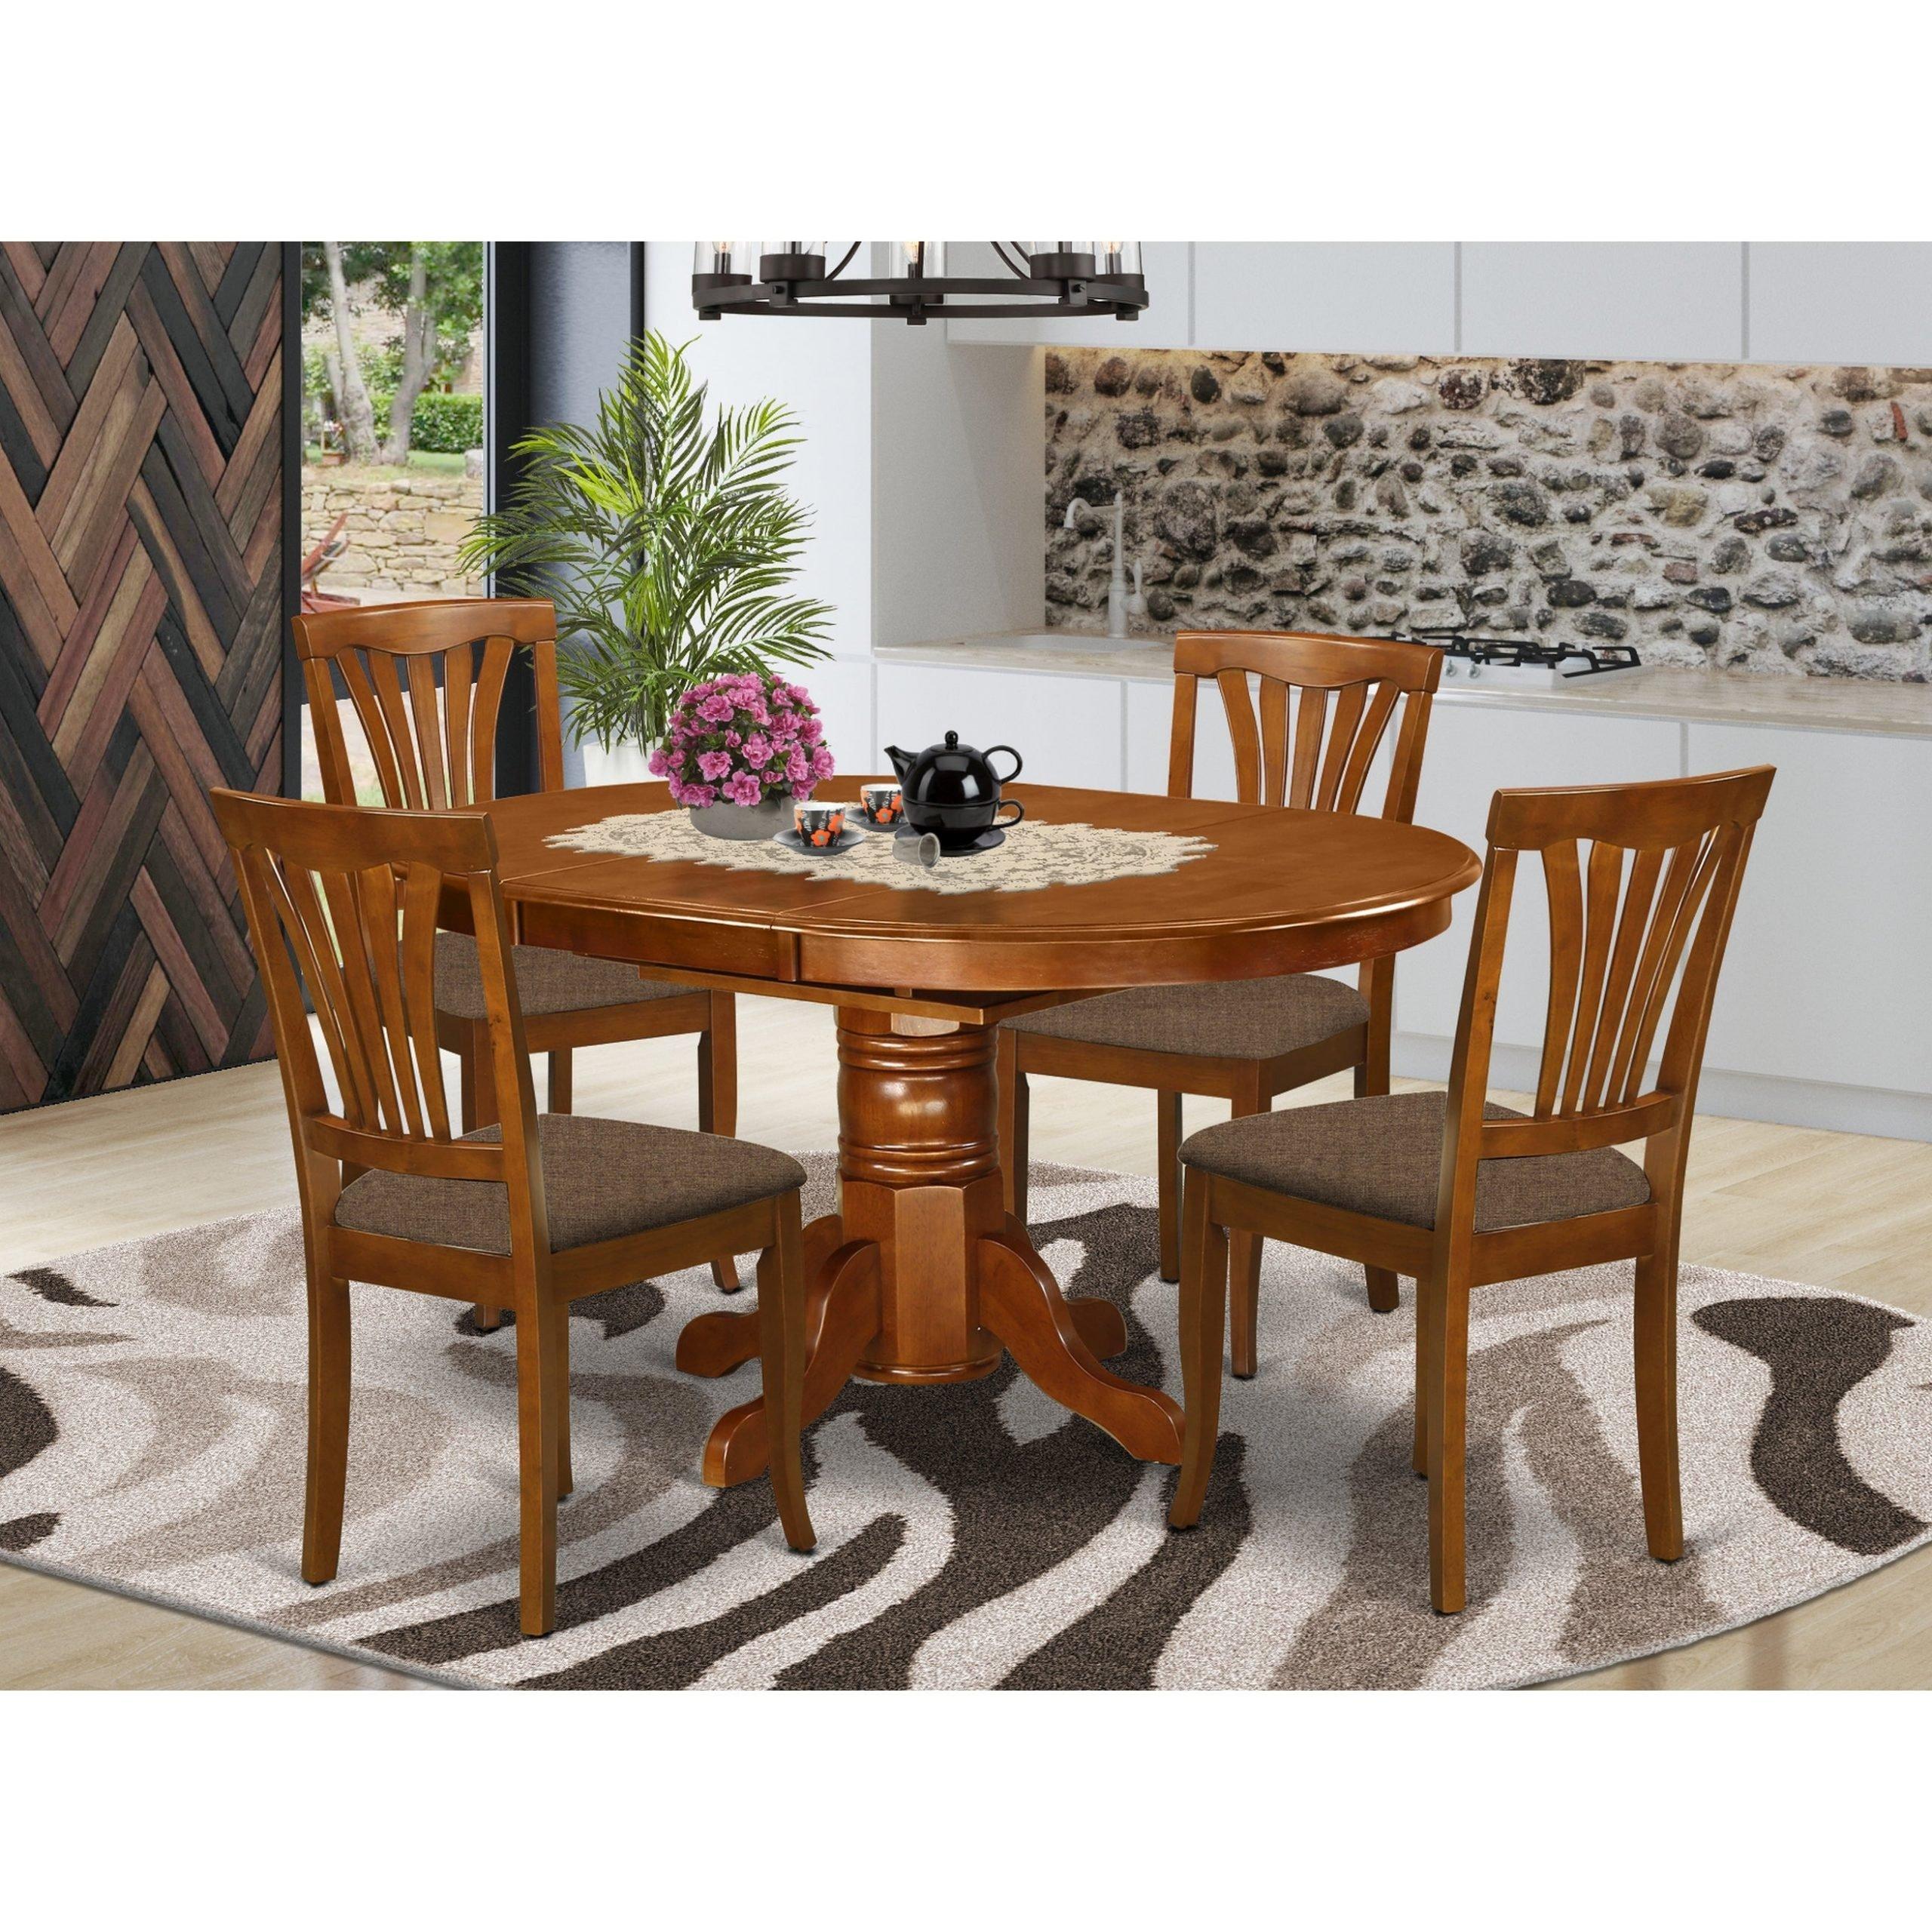 set-meja-makan-modern-6-kursi